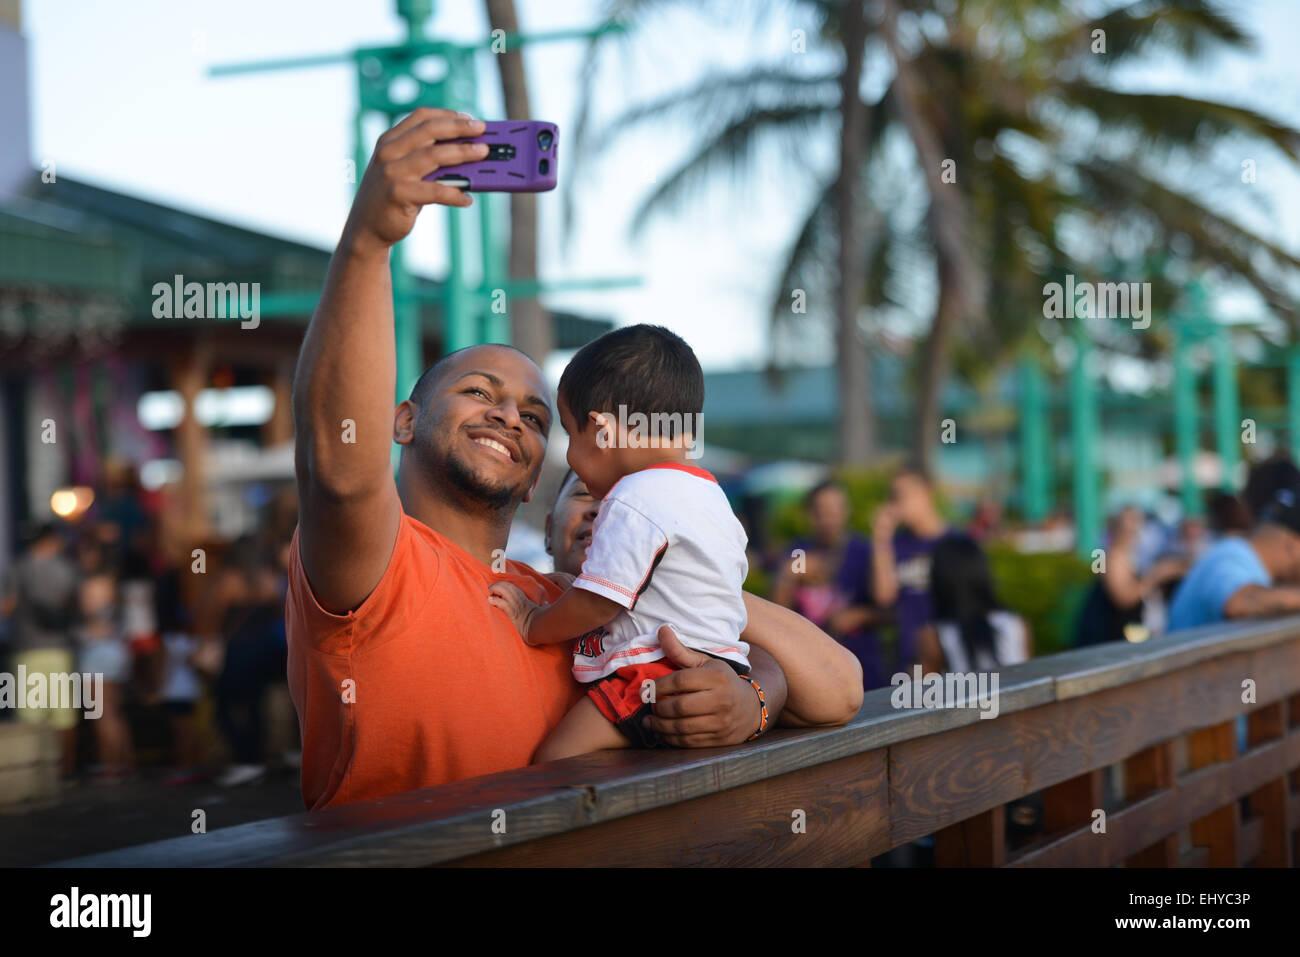 Famiglia selfie. Padre madre e figlio a La Guancha. Ponce, Puerto Rico. Territorio statunitense. Isola dei caraibi. Foto Stock